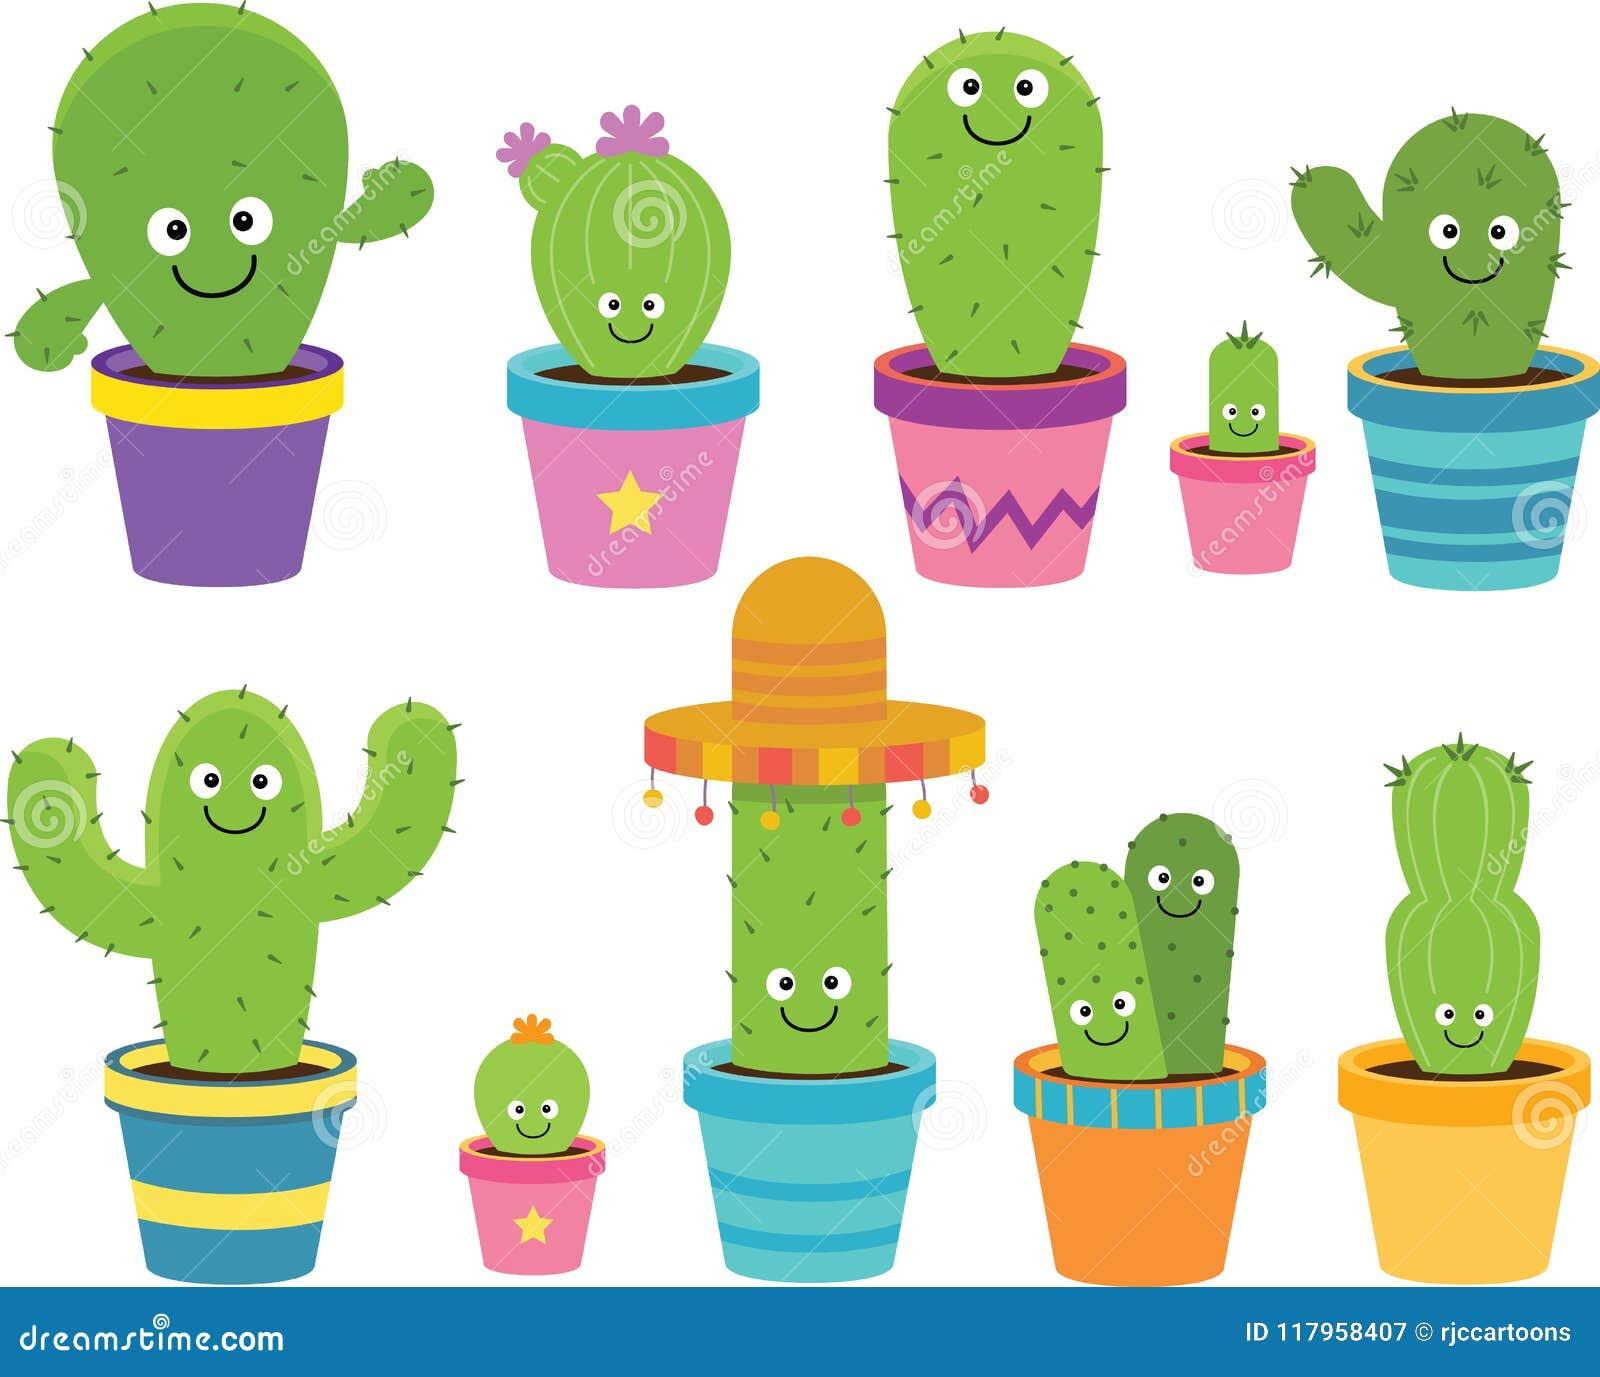 Cartoon Cactus Clipart